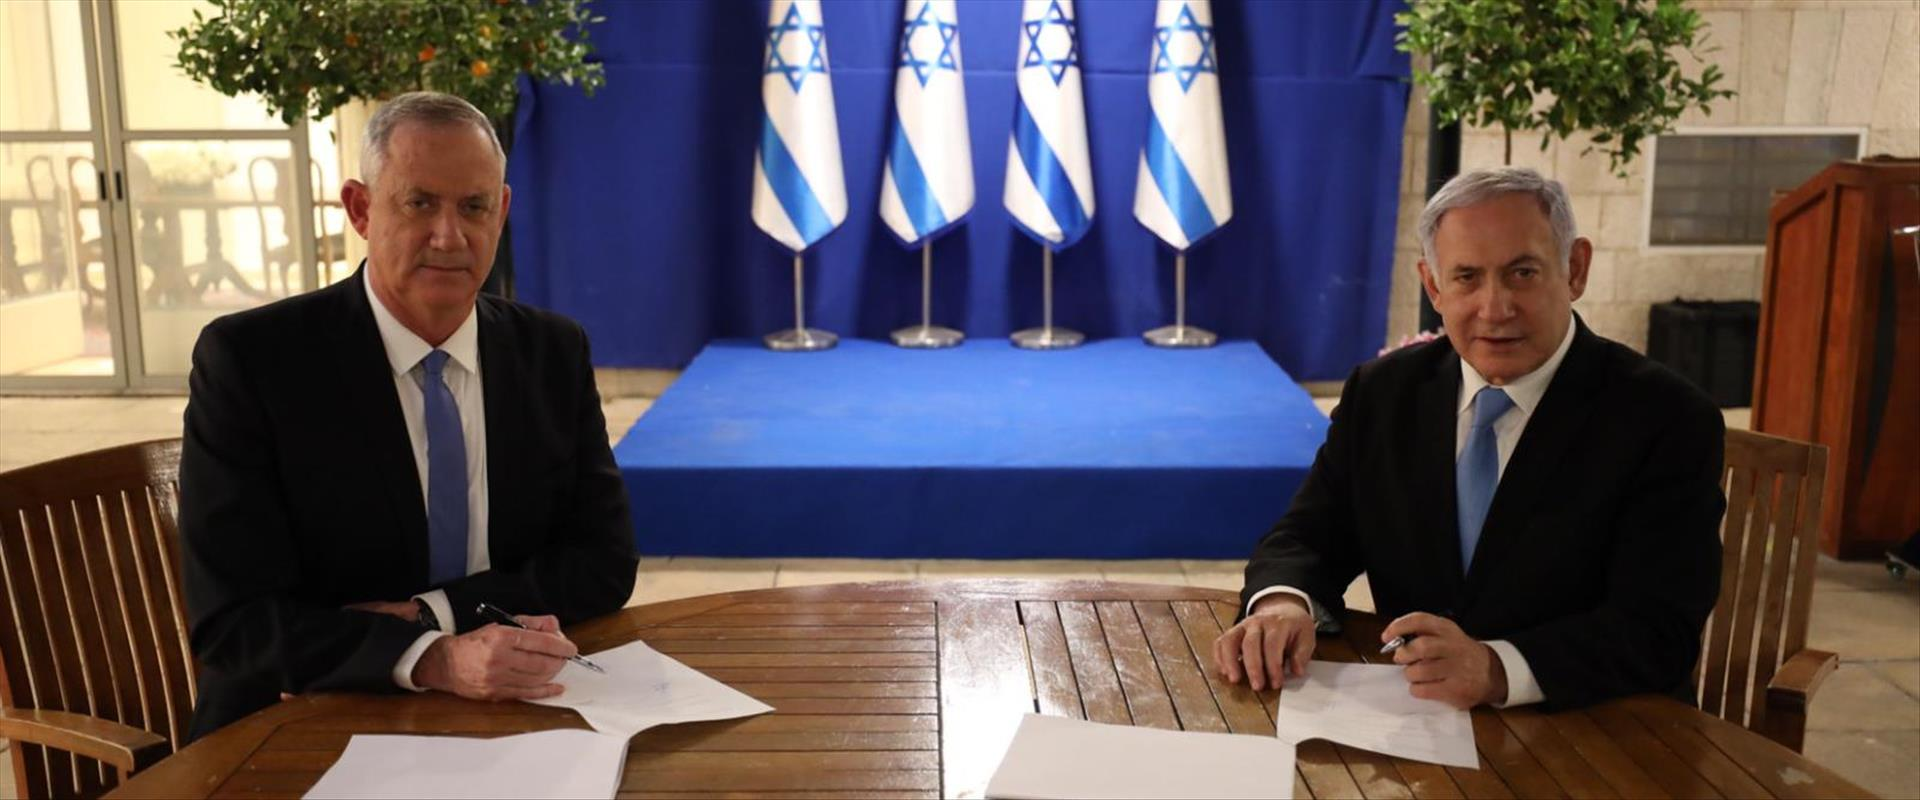 נתניהו וגנץ לאחר החתימה על ההסכם 20.4